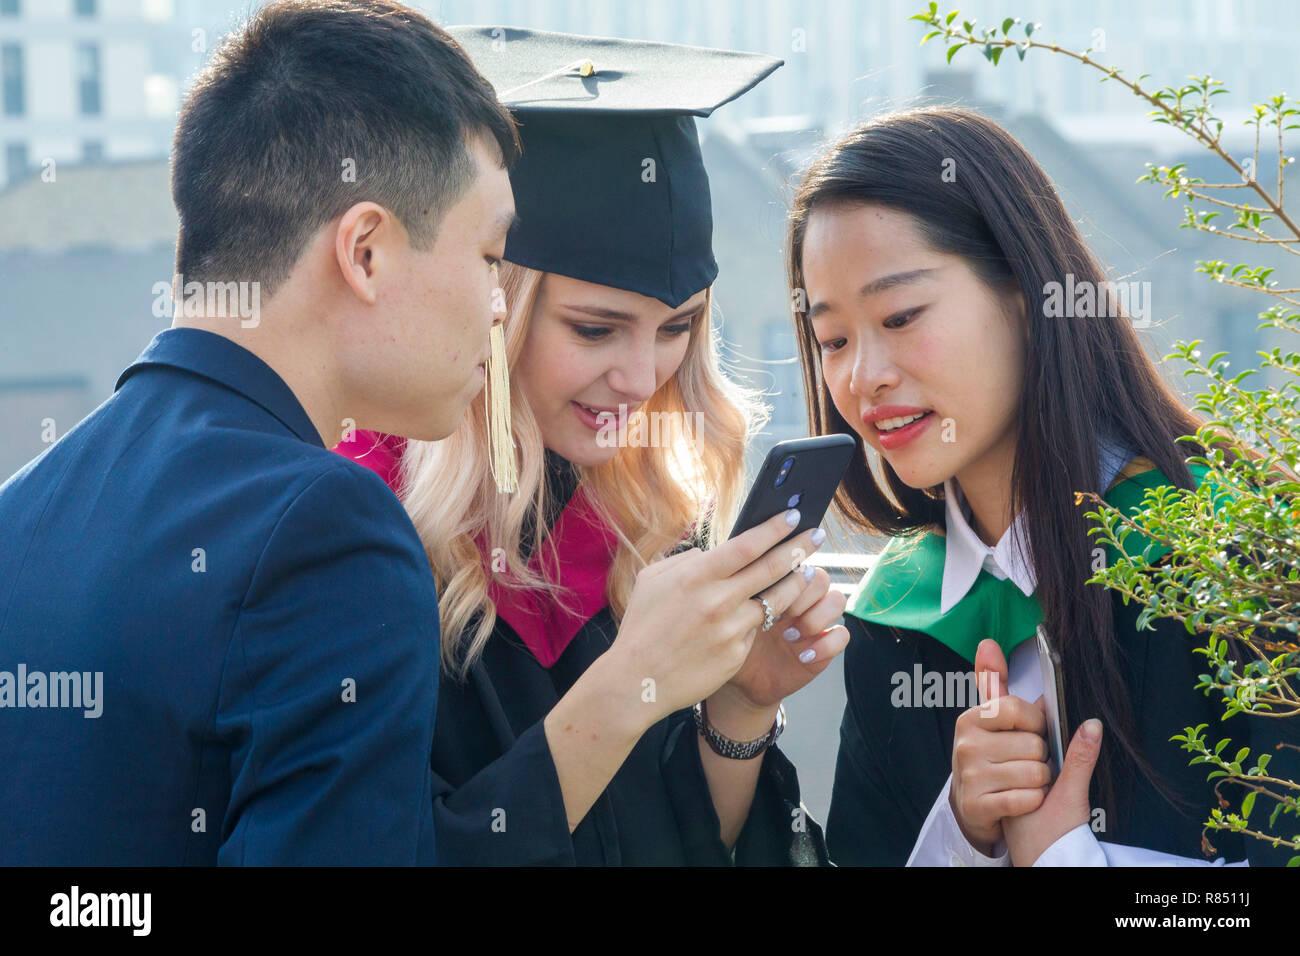 International students celebrating graduation - Stock Image